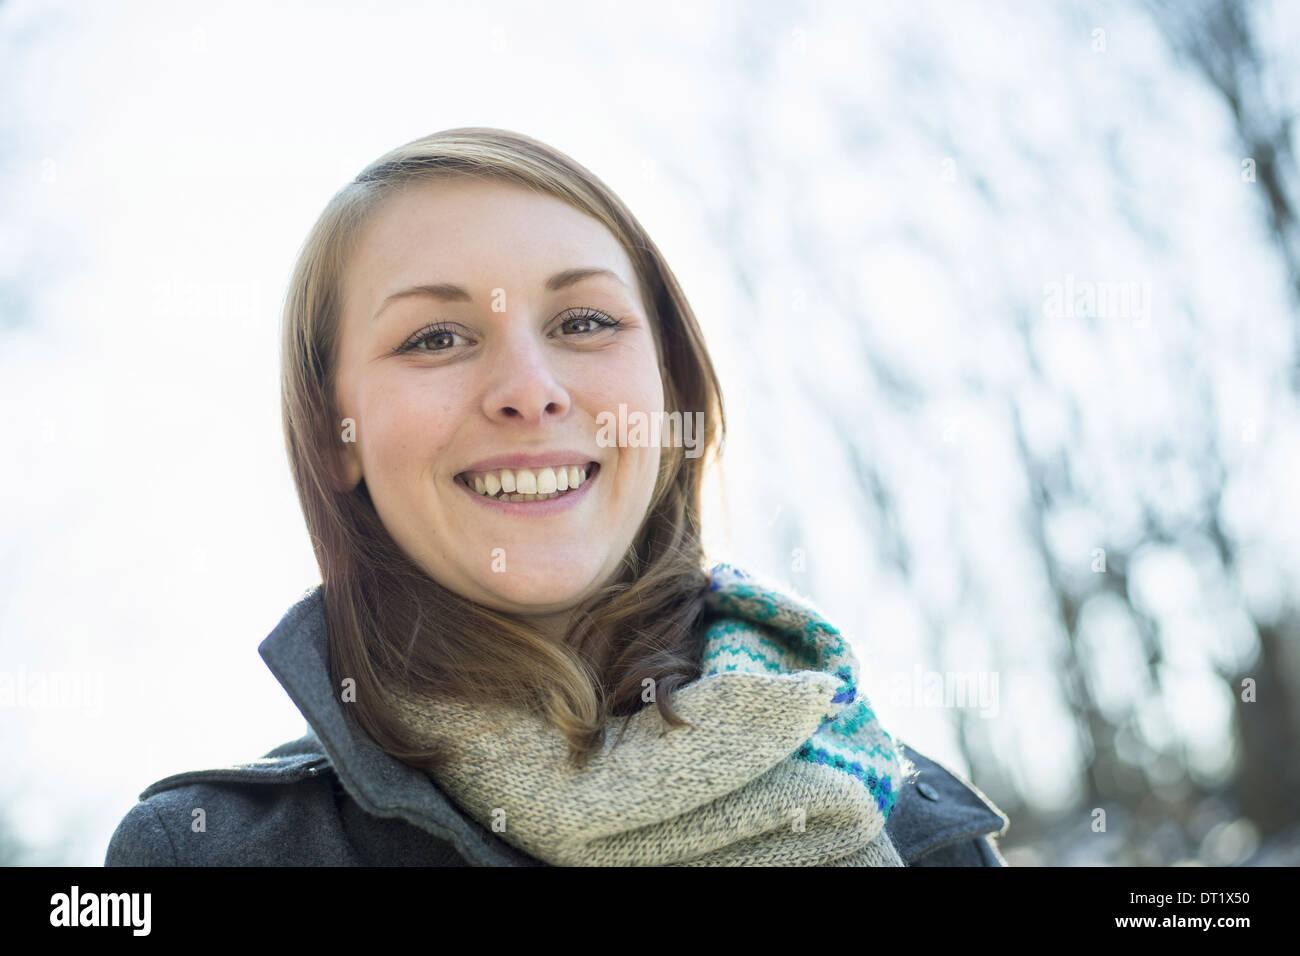 Eine junge Frau in einem Schal und Mantel außerhalb an einem Wintertag Stockfoto